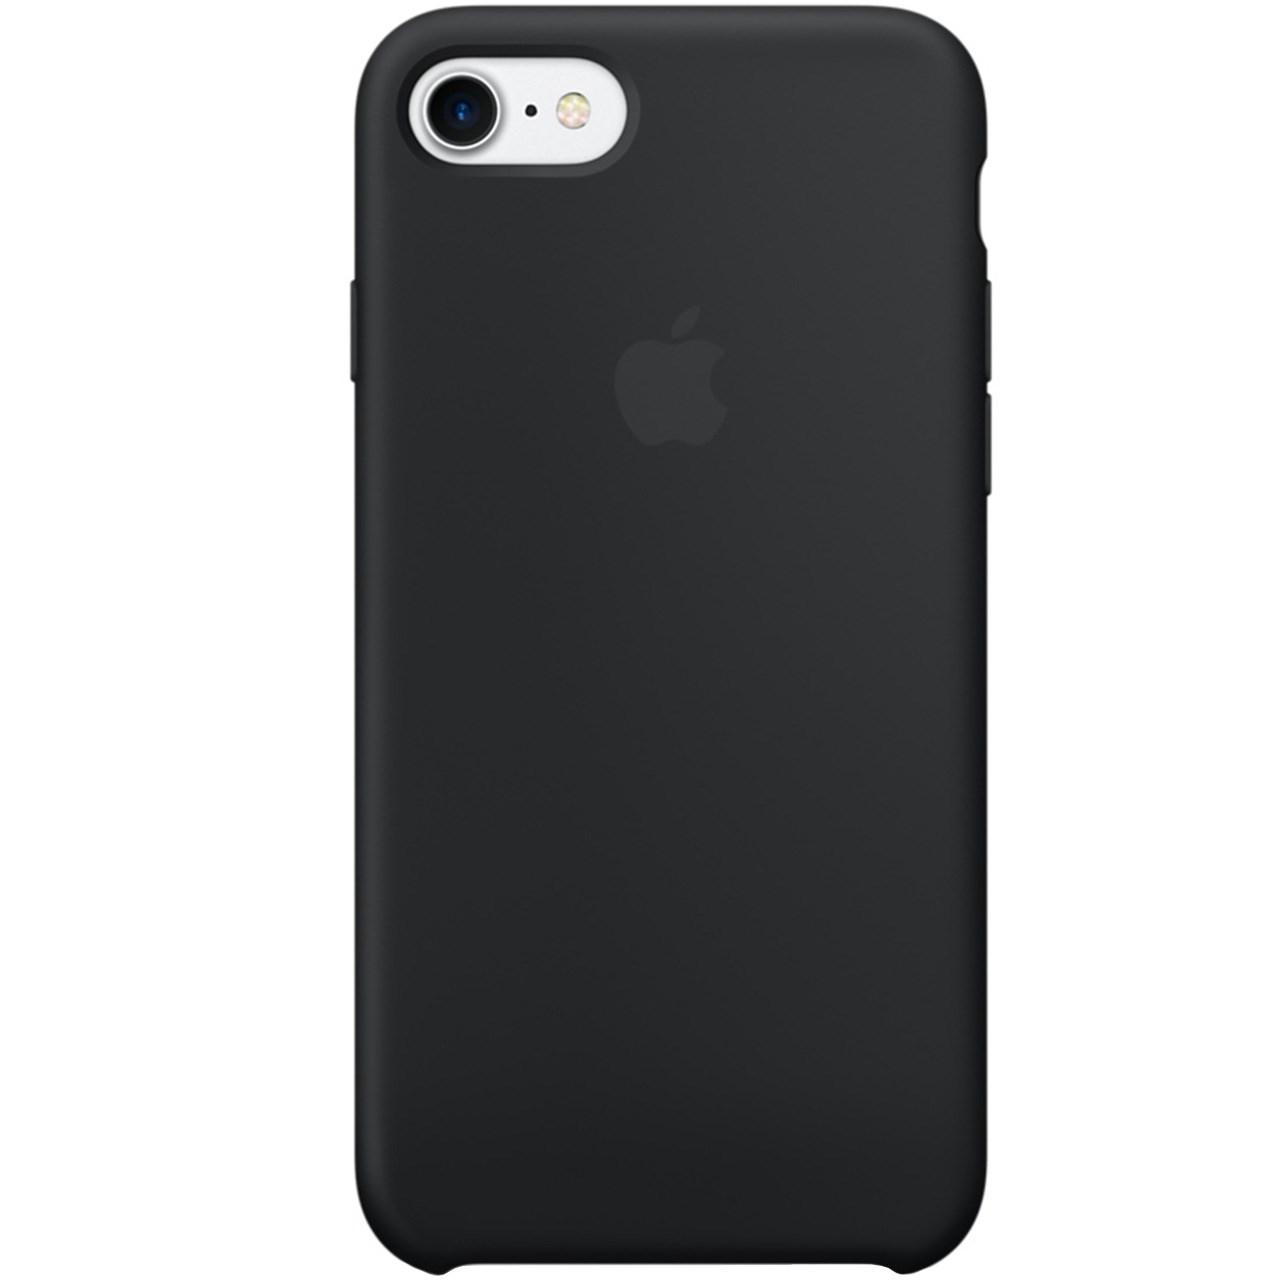 کاور سیلیکونی مناسب برای گوشی موبایل آیفون 7/8              ( قیمت و خرید)